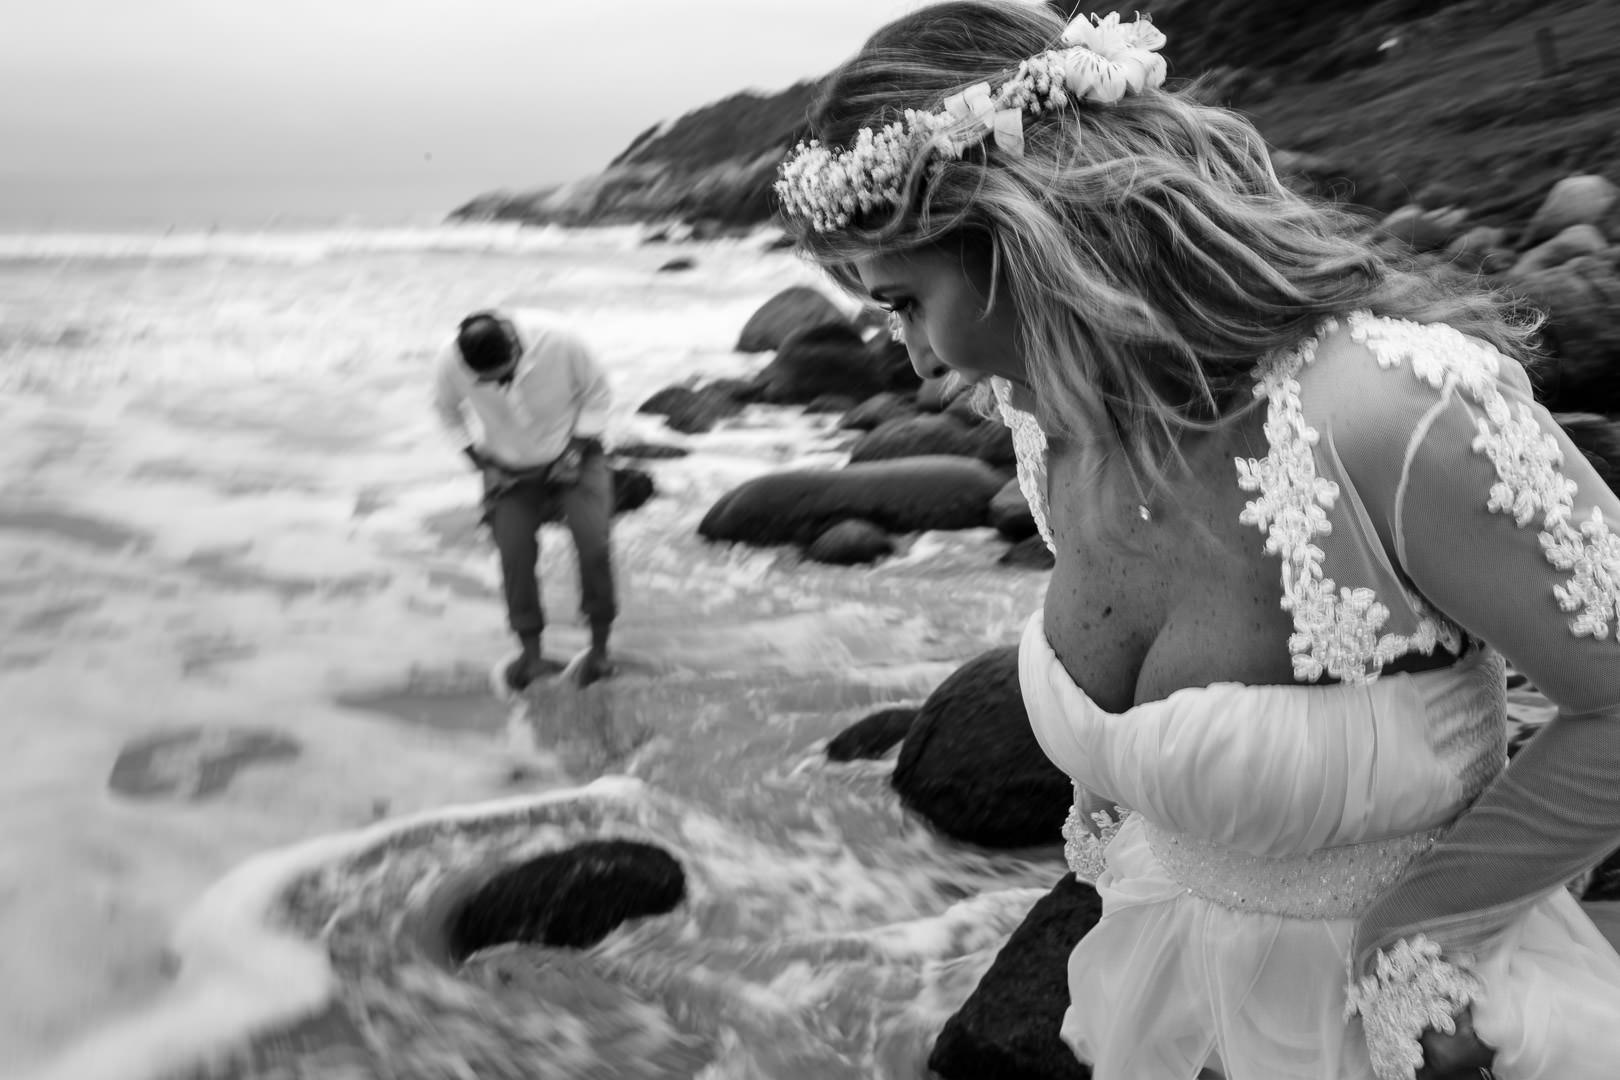 Elopement Wedding na Praia do Rosa: Márcia e Fábio Elopement  elopement wedding na praia do rosa elopement wedding elopement praia do rosa casando a dois casamento na praia do rosa Casamento a dois casamenteiras da praia do rosa